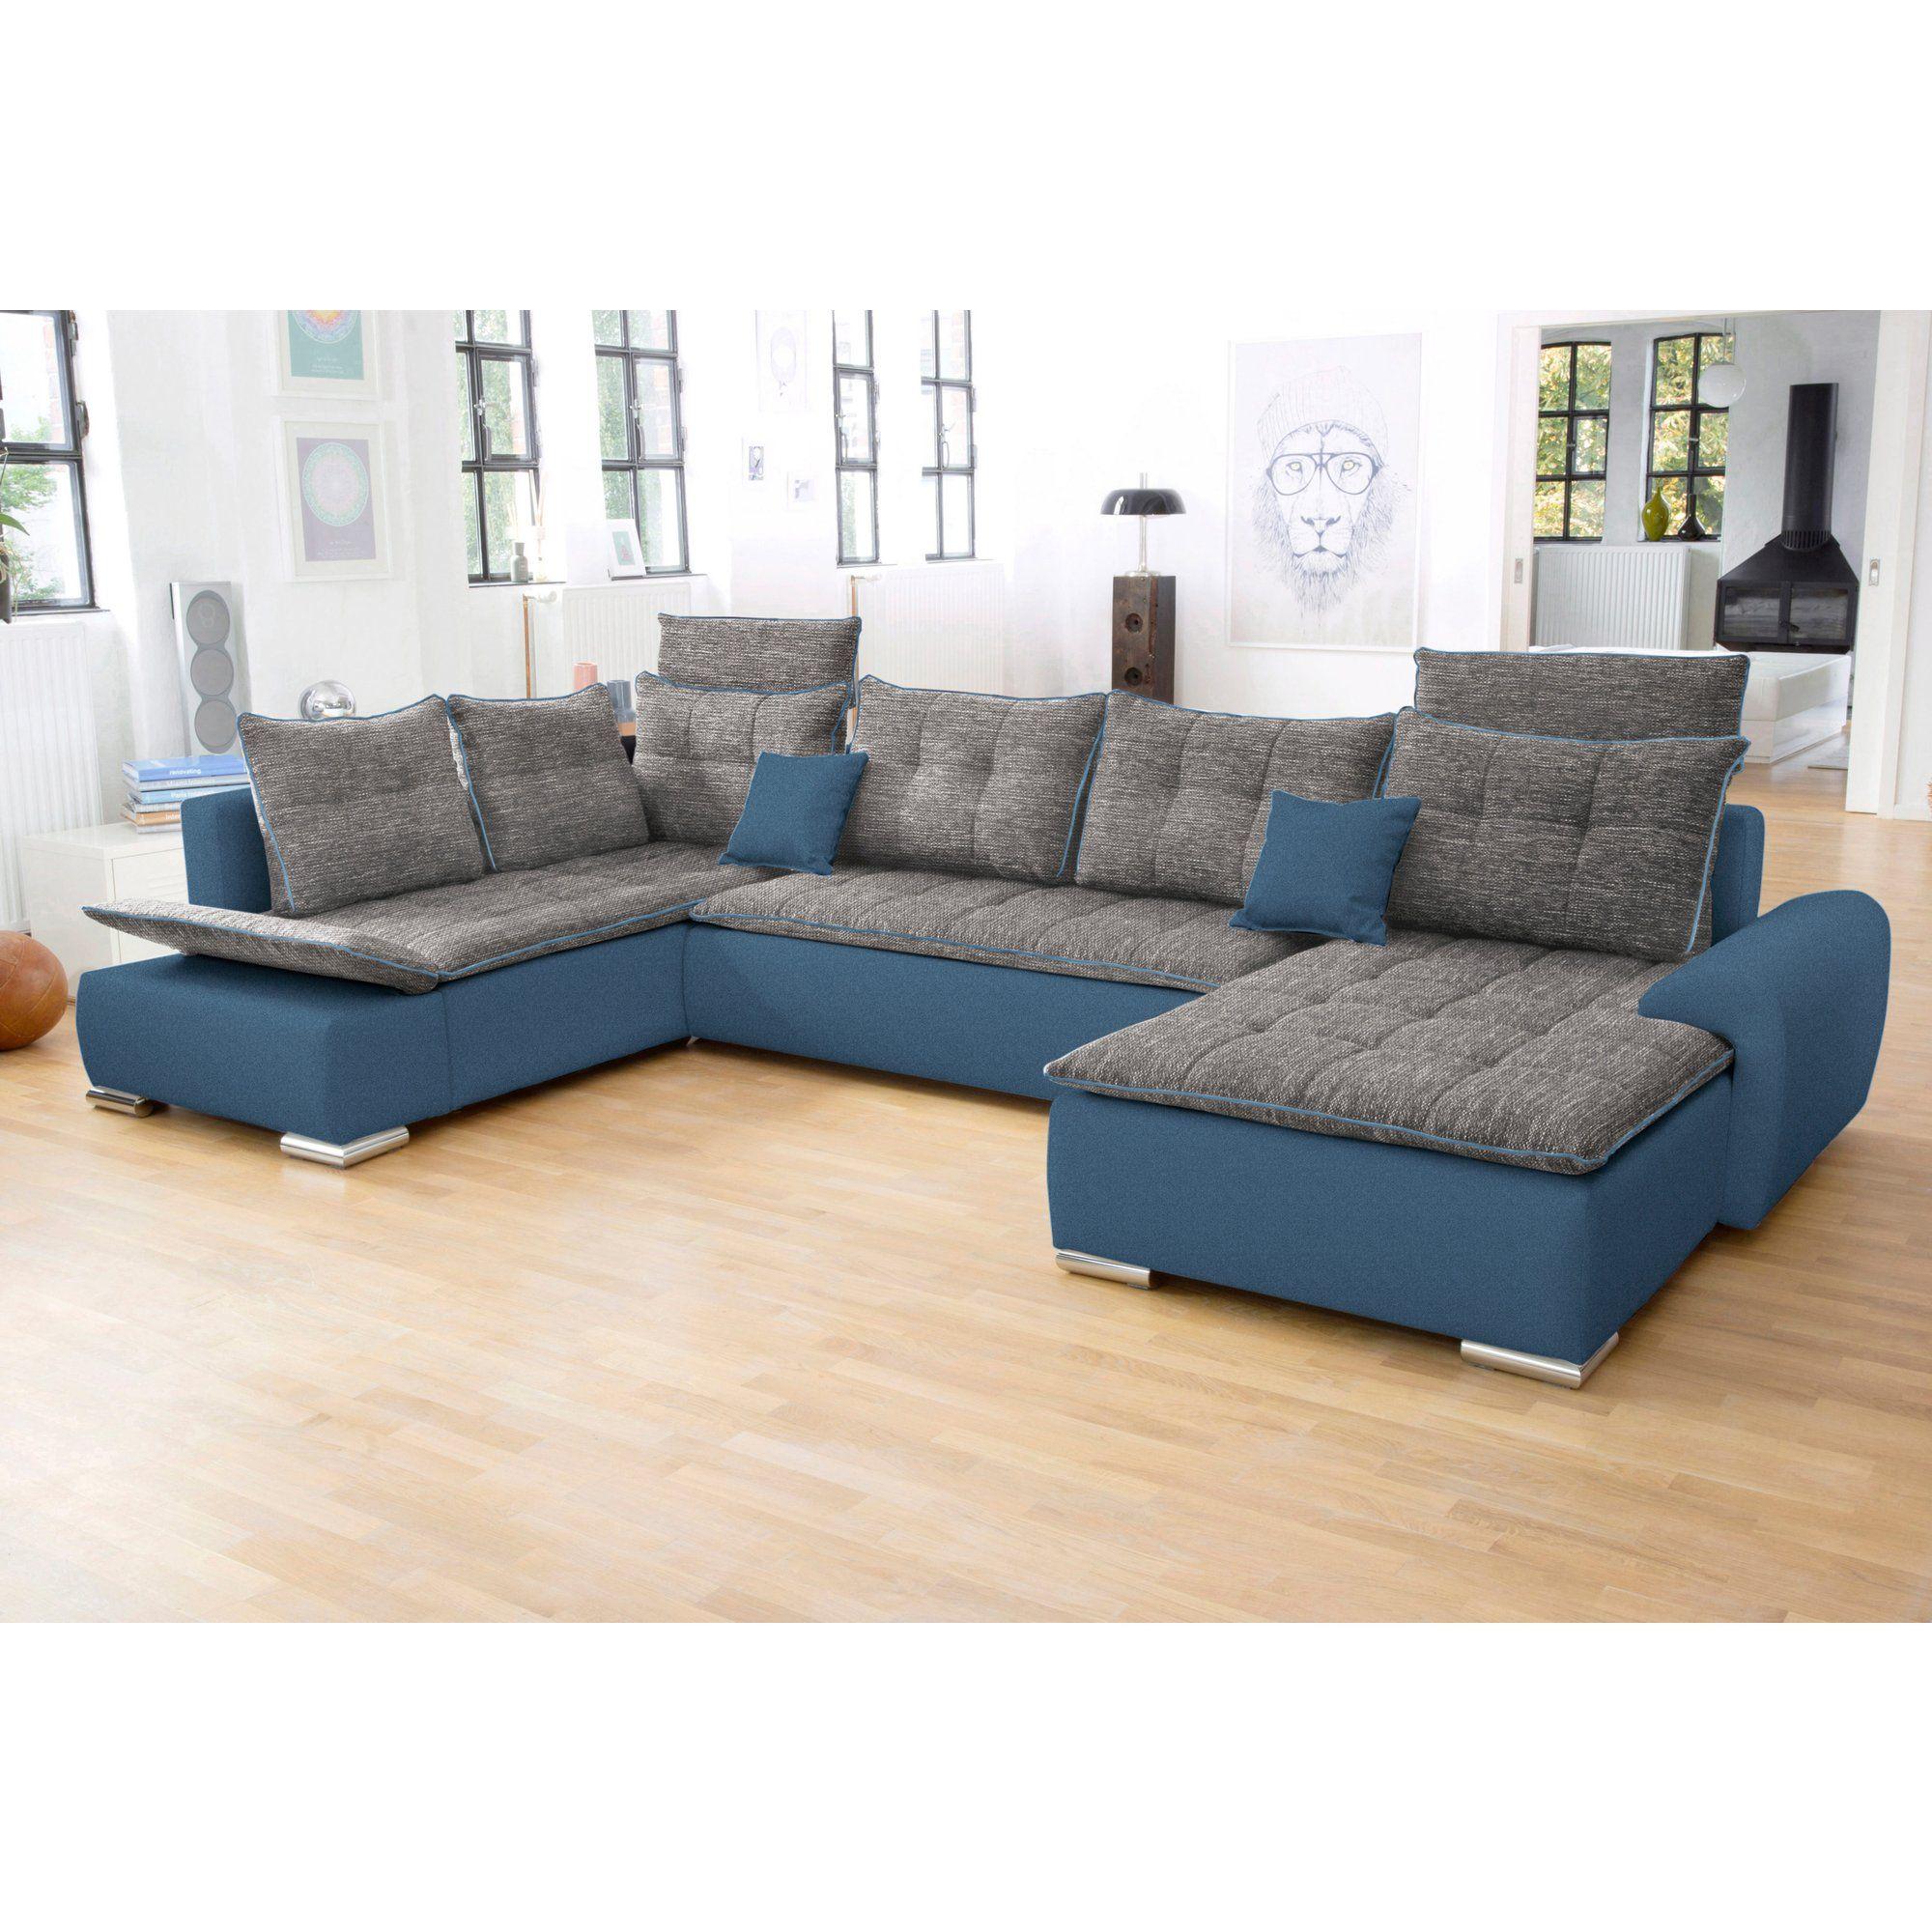 Httpwwwsuissesfrmaisonmeublescanapesfauteuilsensemble - Ensemble canapé convertible fauteuil